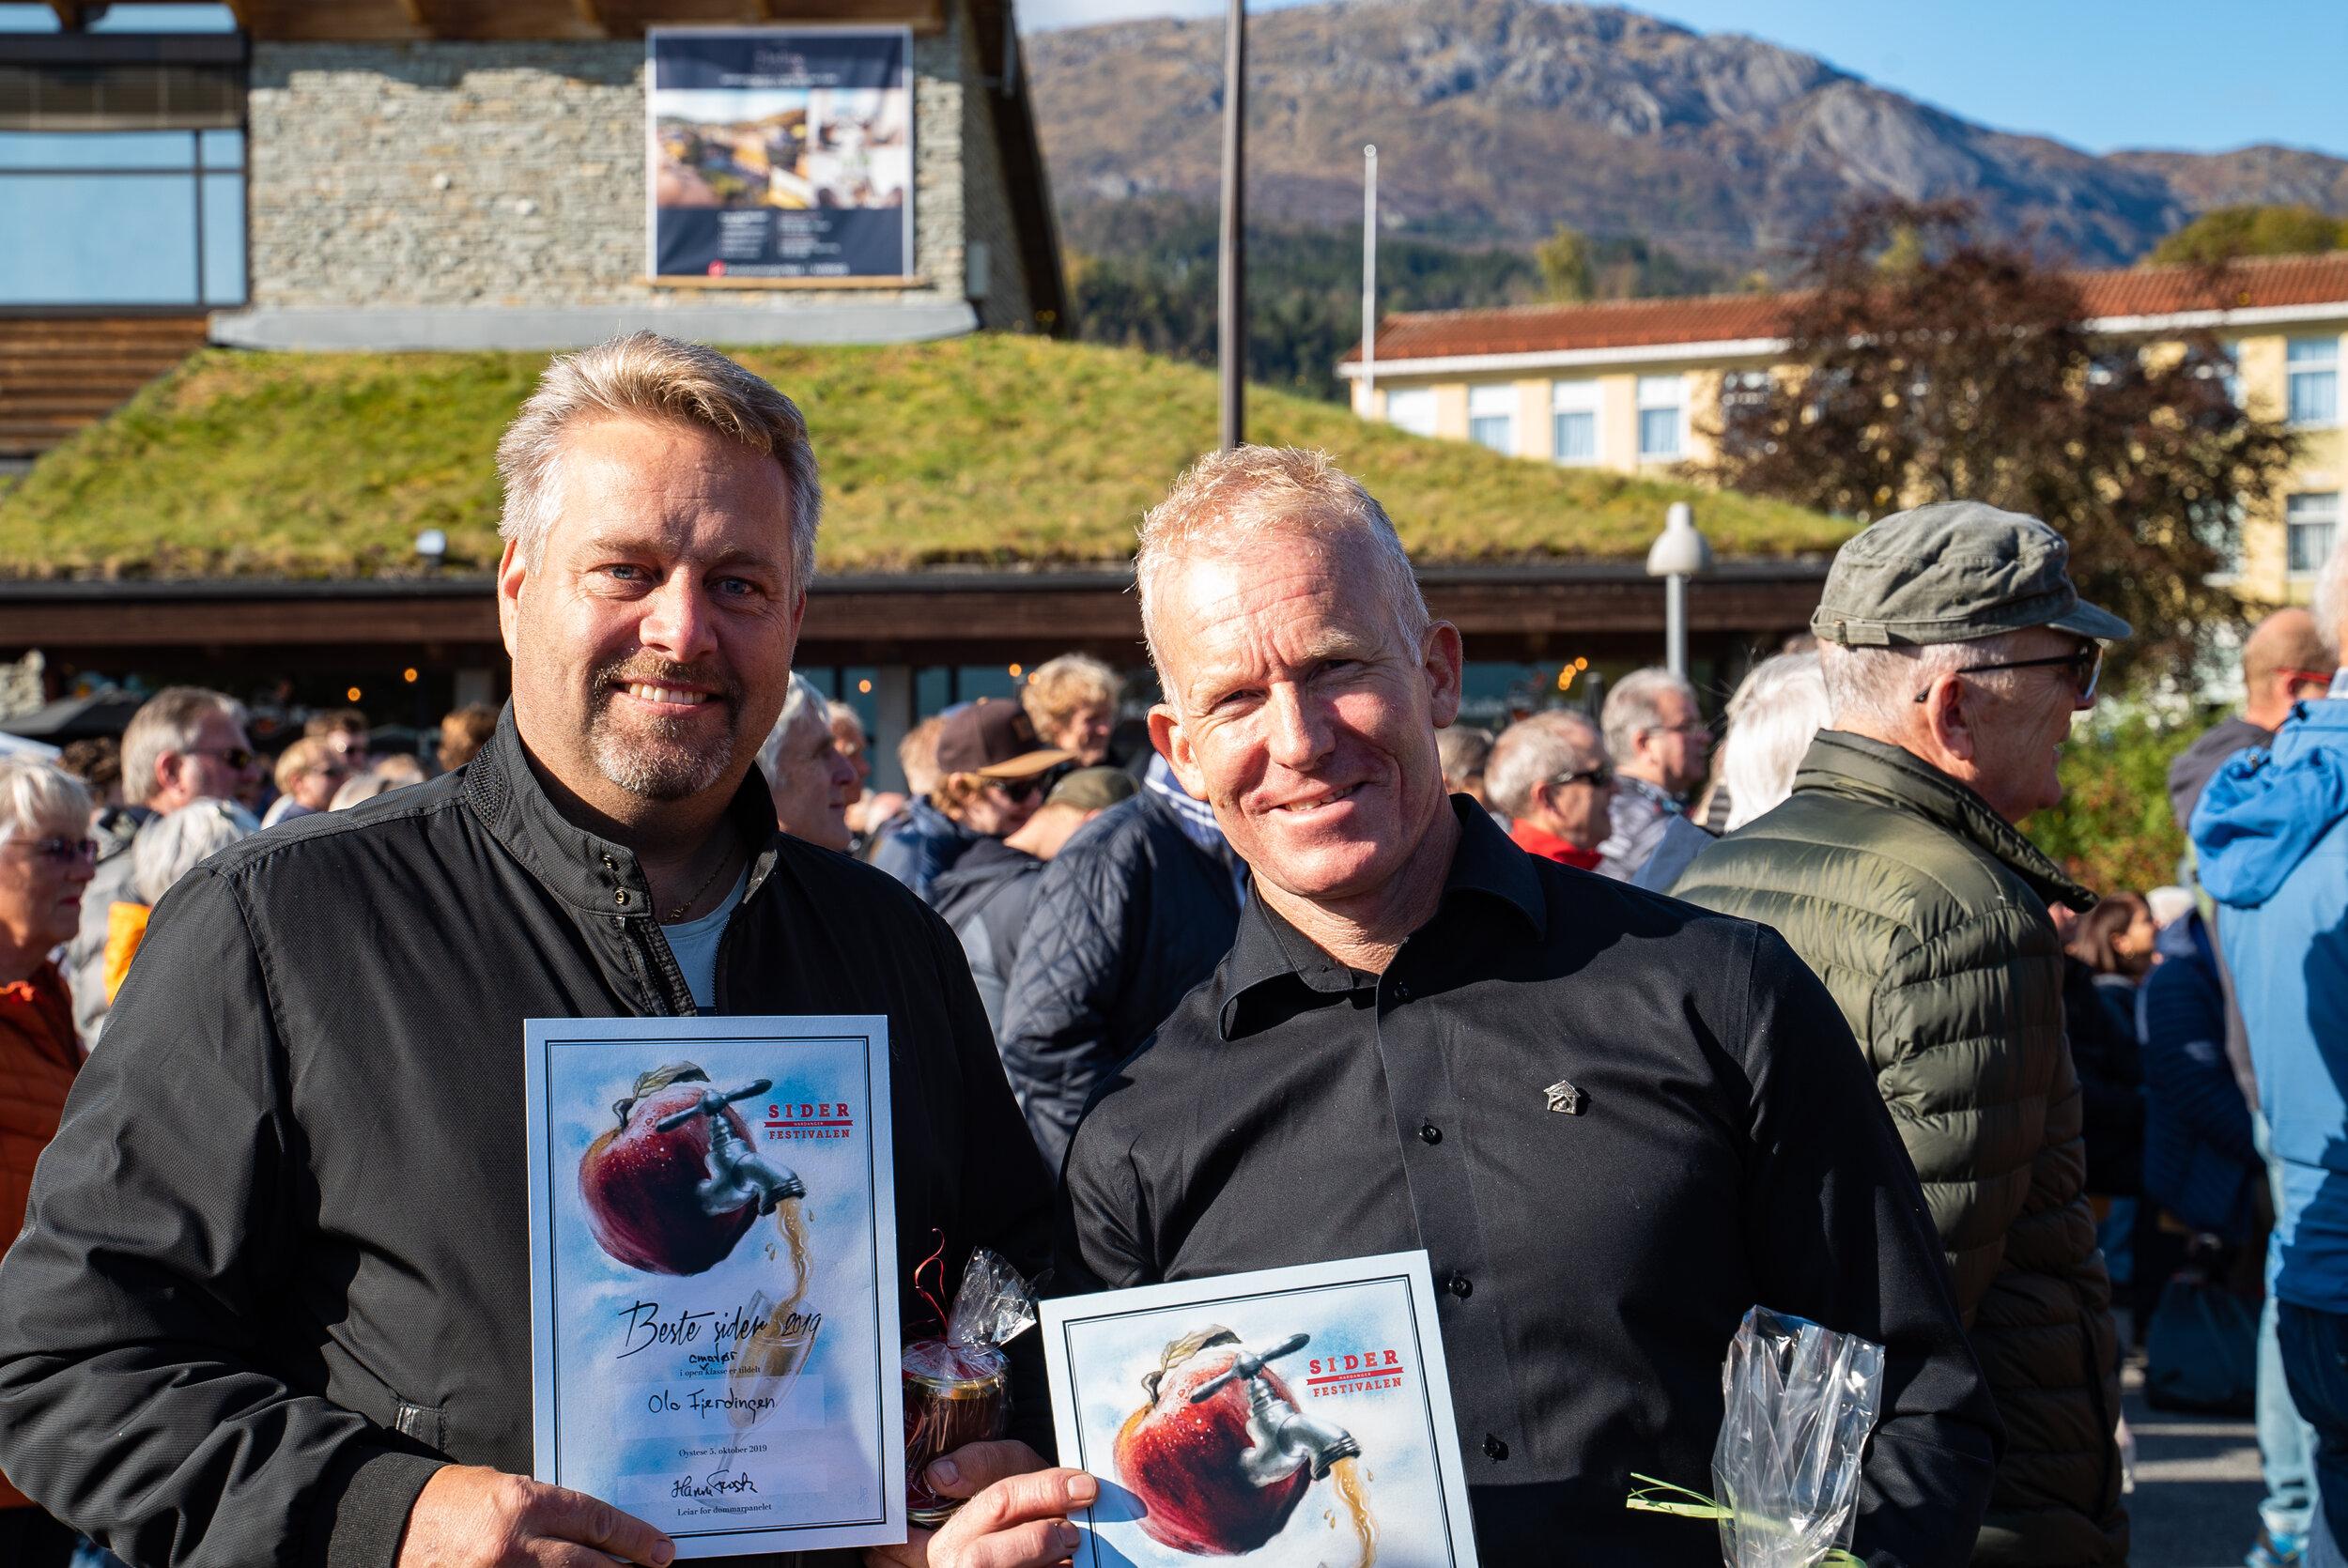 Ola Fjerdingen (amatørklassa) og Geir Henning Spilde (profesjonell klasse) vann begge Open klasse for sidrar tilsette bringebær.